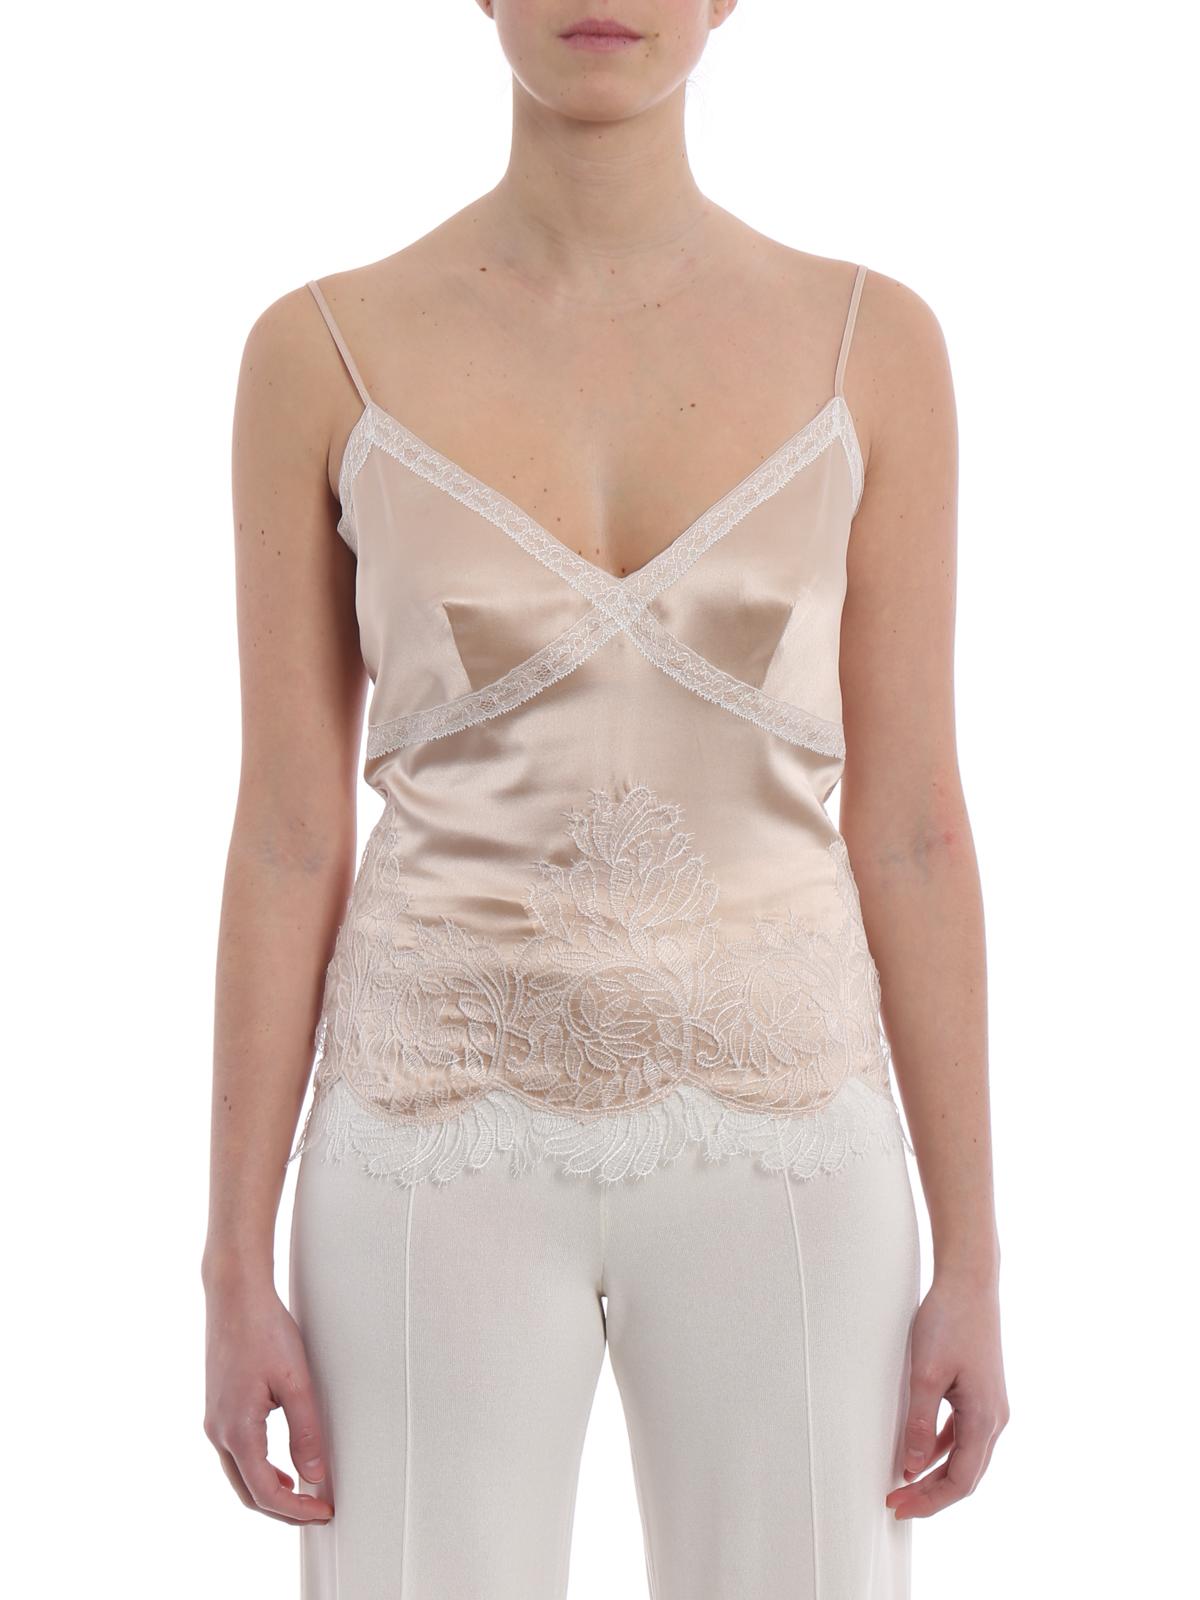 lace trim satin shirt - Nude & Neutrals Ermanno Scervino Big Sale Online rXBvjJl